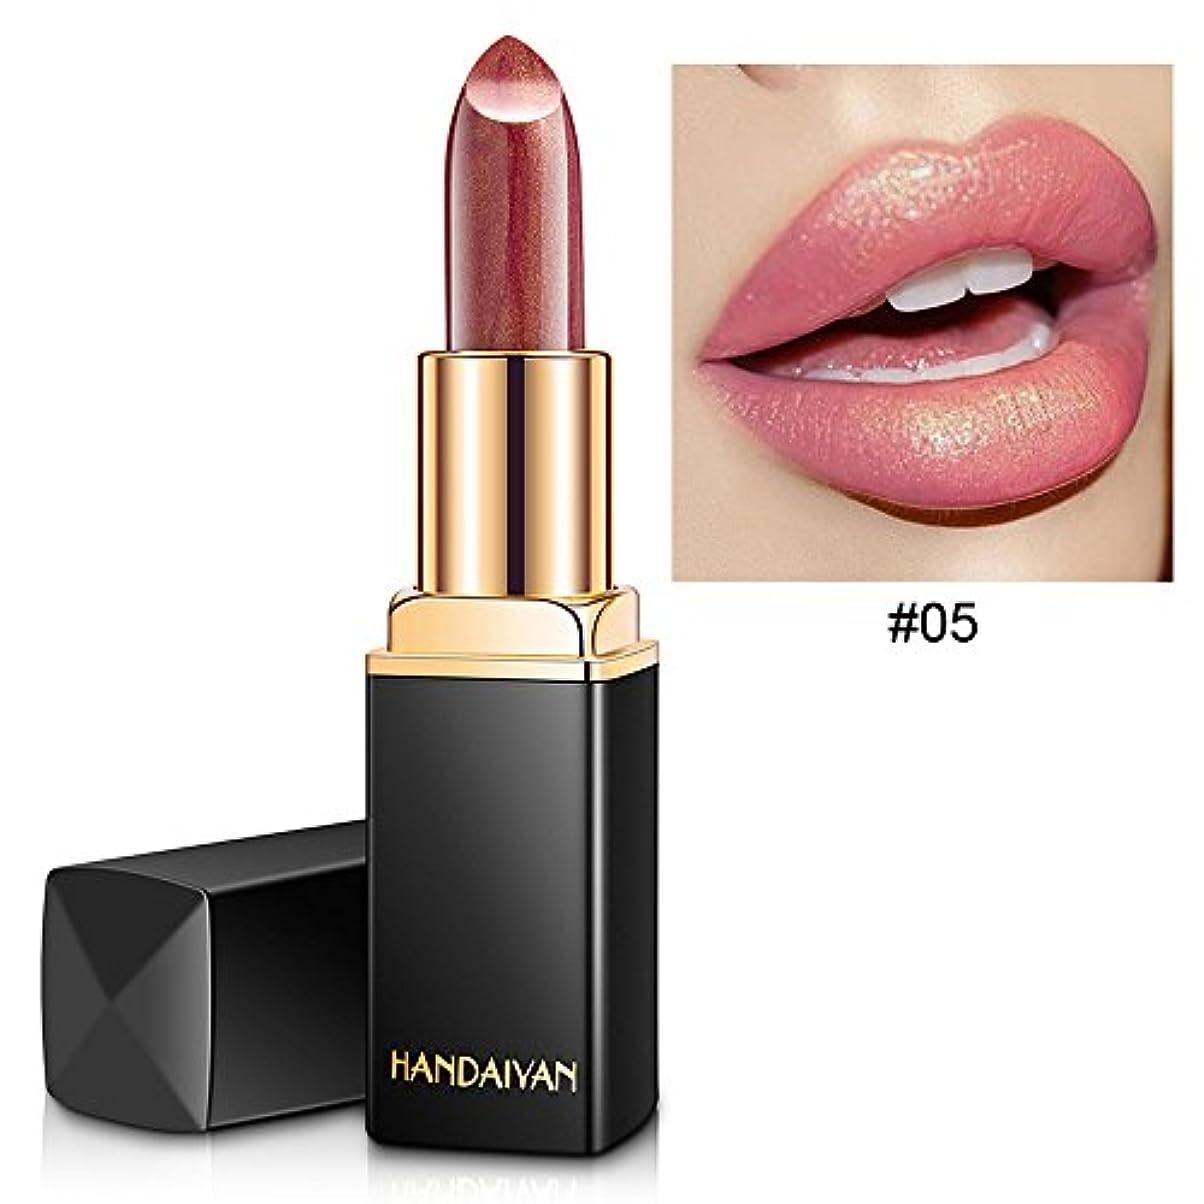 ロッジ不測の事態上昇HANDAIYAN Mermaid Shimmer Metallic Lipstick Pearl Color Changing Lipstick Moisturizer Lip Balm (5#)